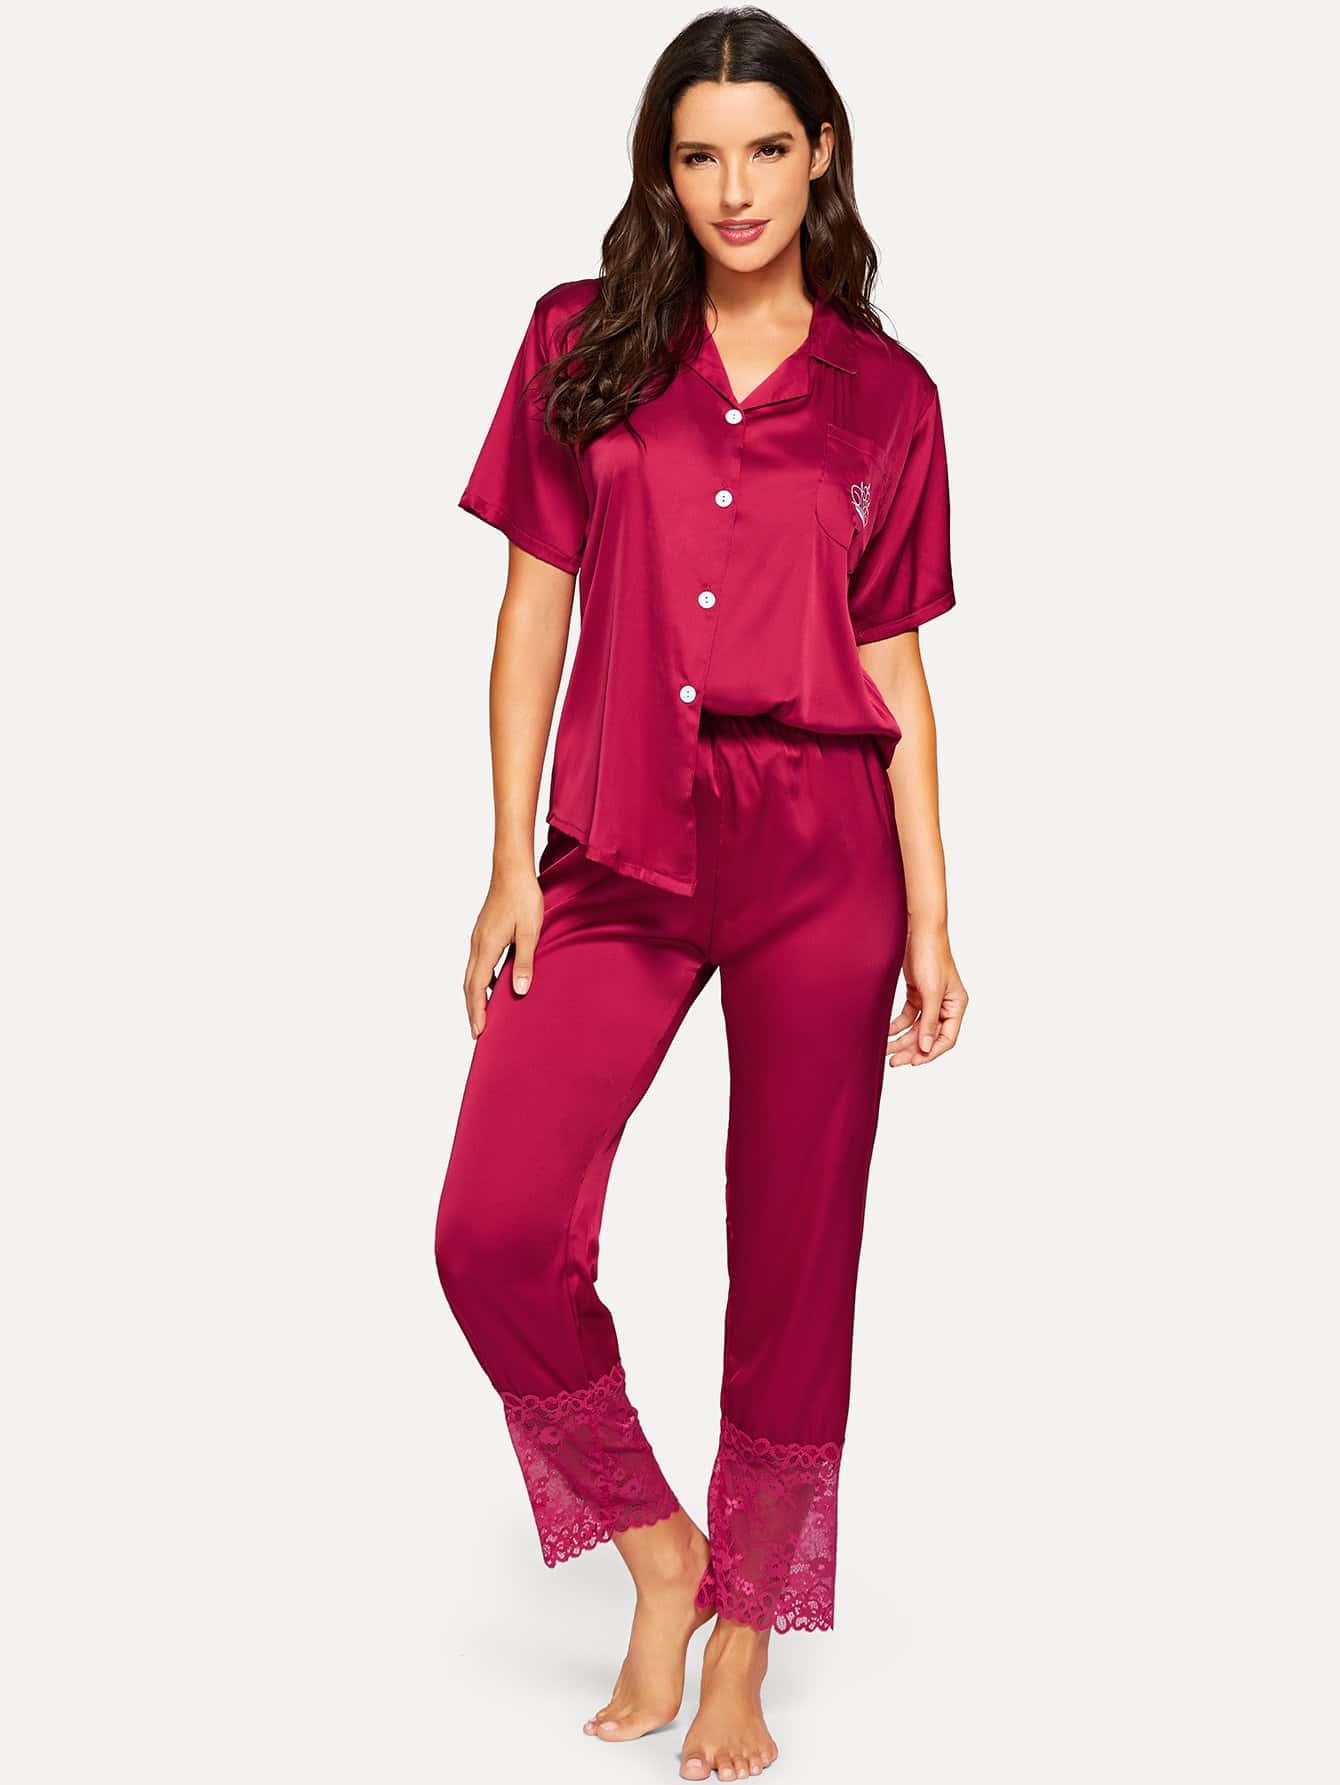 Купить Нобор пижамы с украшением короны вышивки и со симметрическими кружевами, Juliana, SheIn